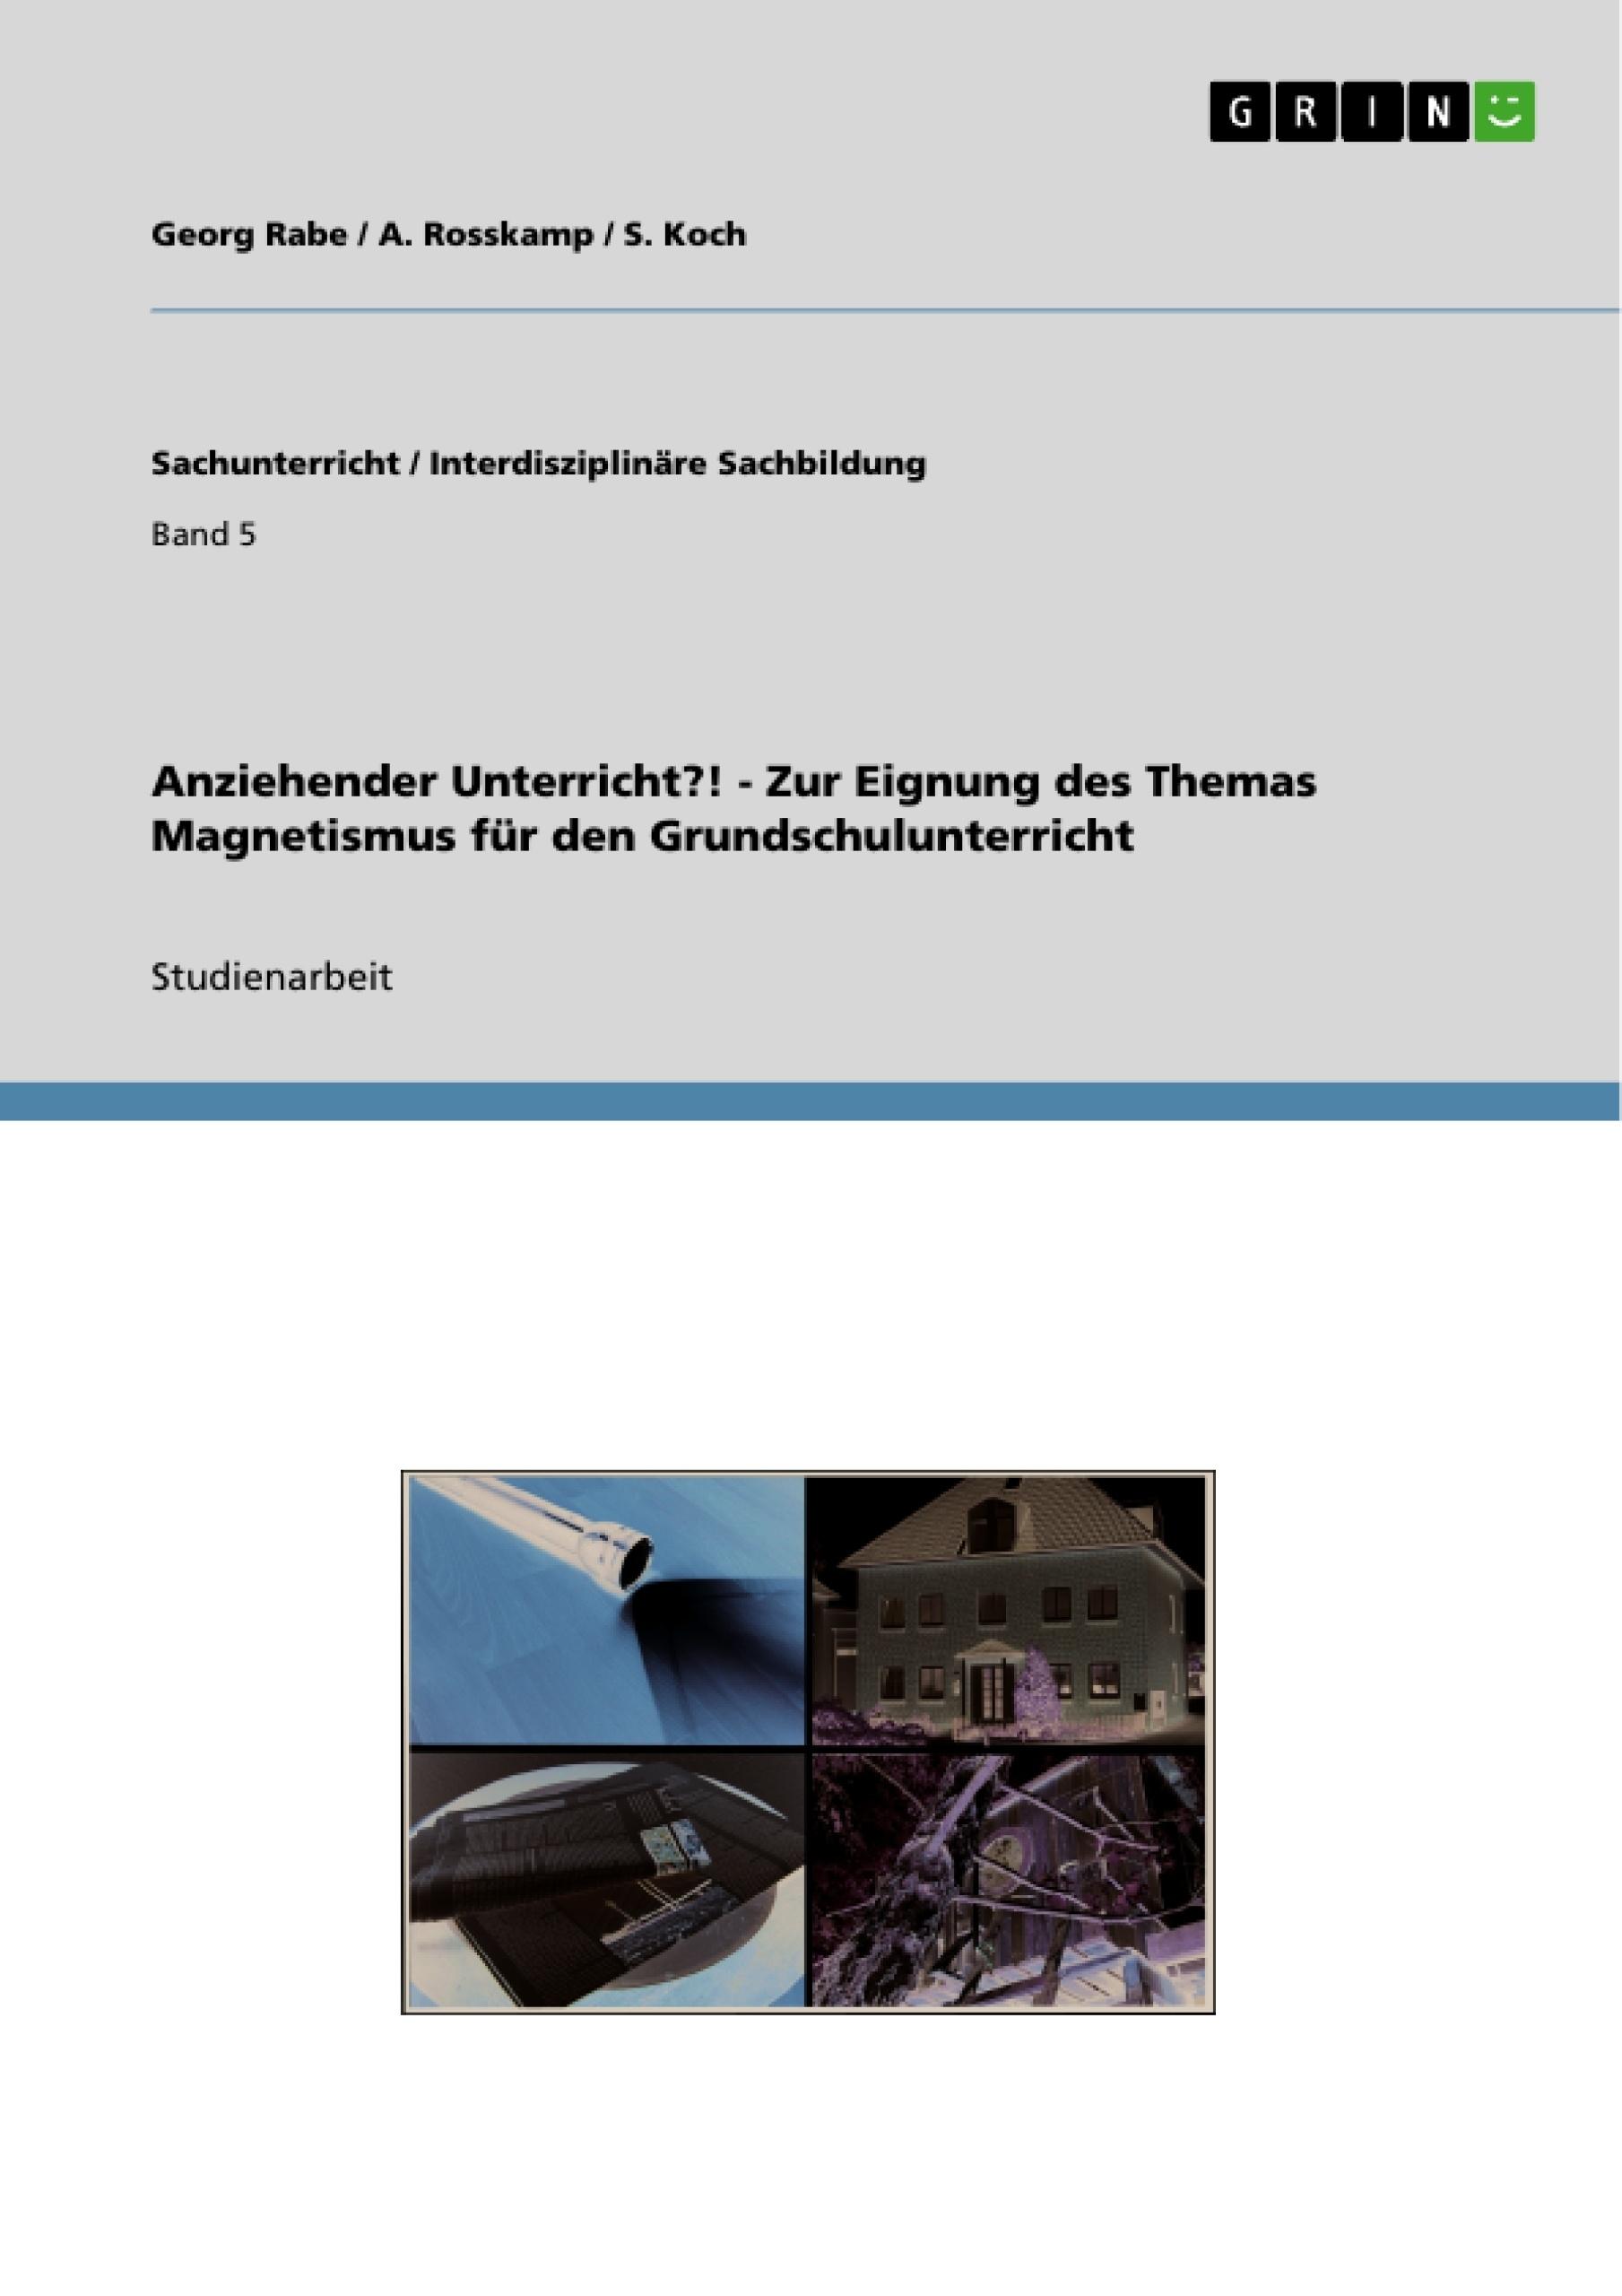 Titel: Anziehender Unterricht?! - Zur Eignung des Themas Magnetismus für den Grundschulunterricht